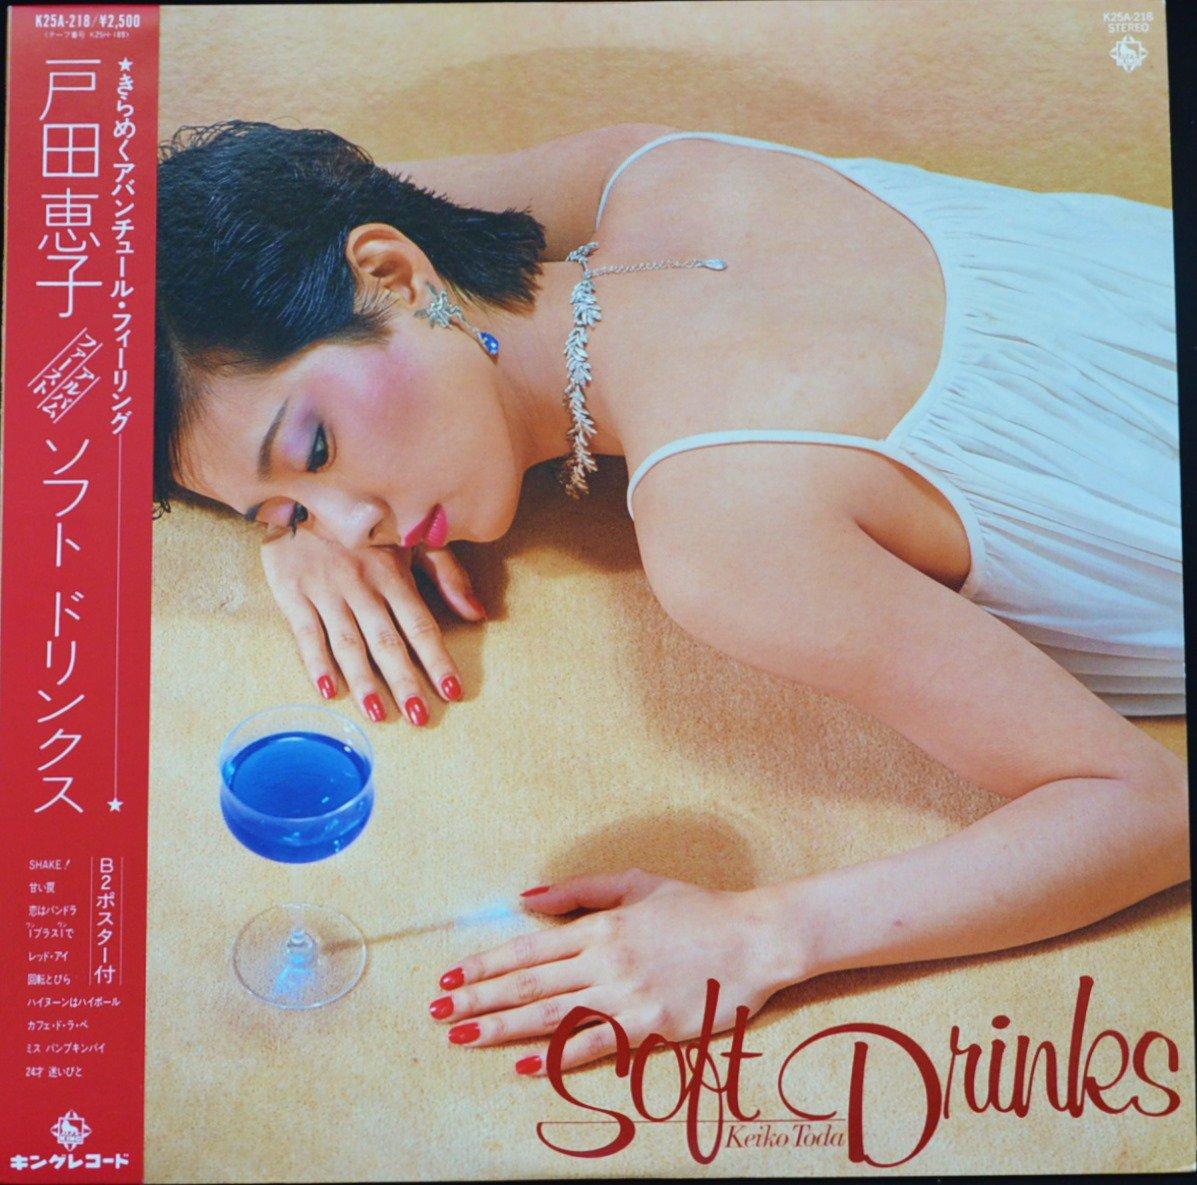 戸田恵子 KEIKO TODA / ソフト ドリンクス SOFT DRINKS (LP)